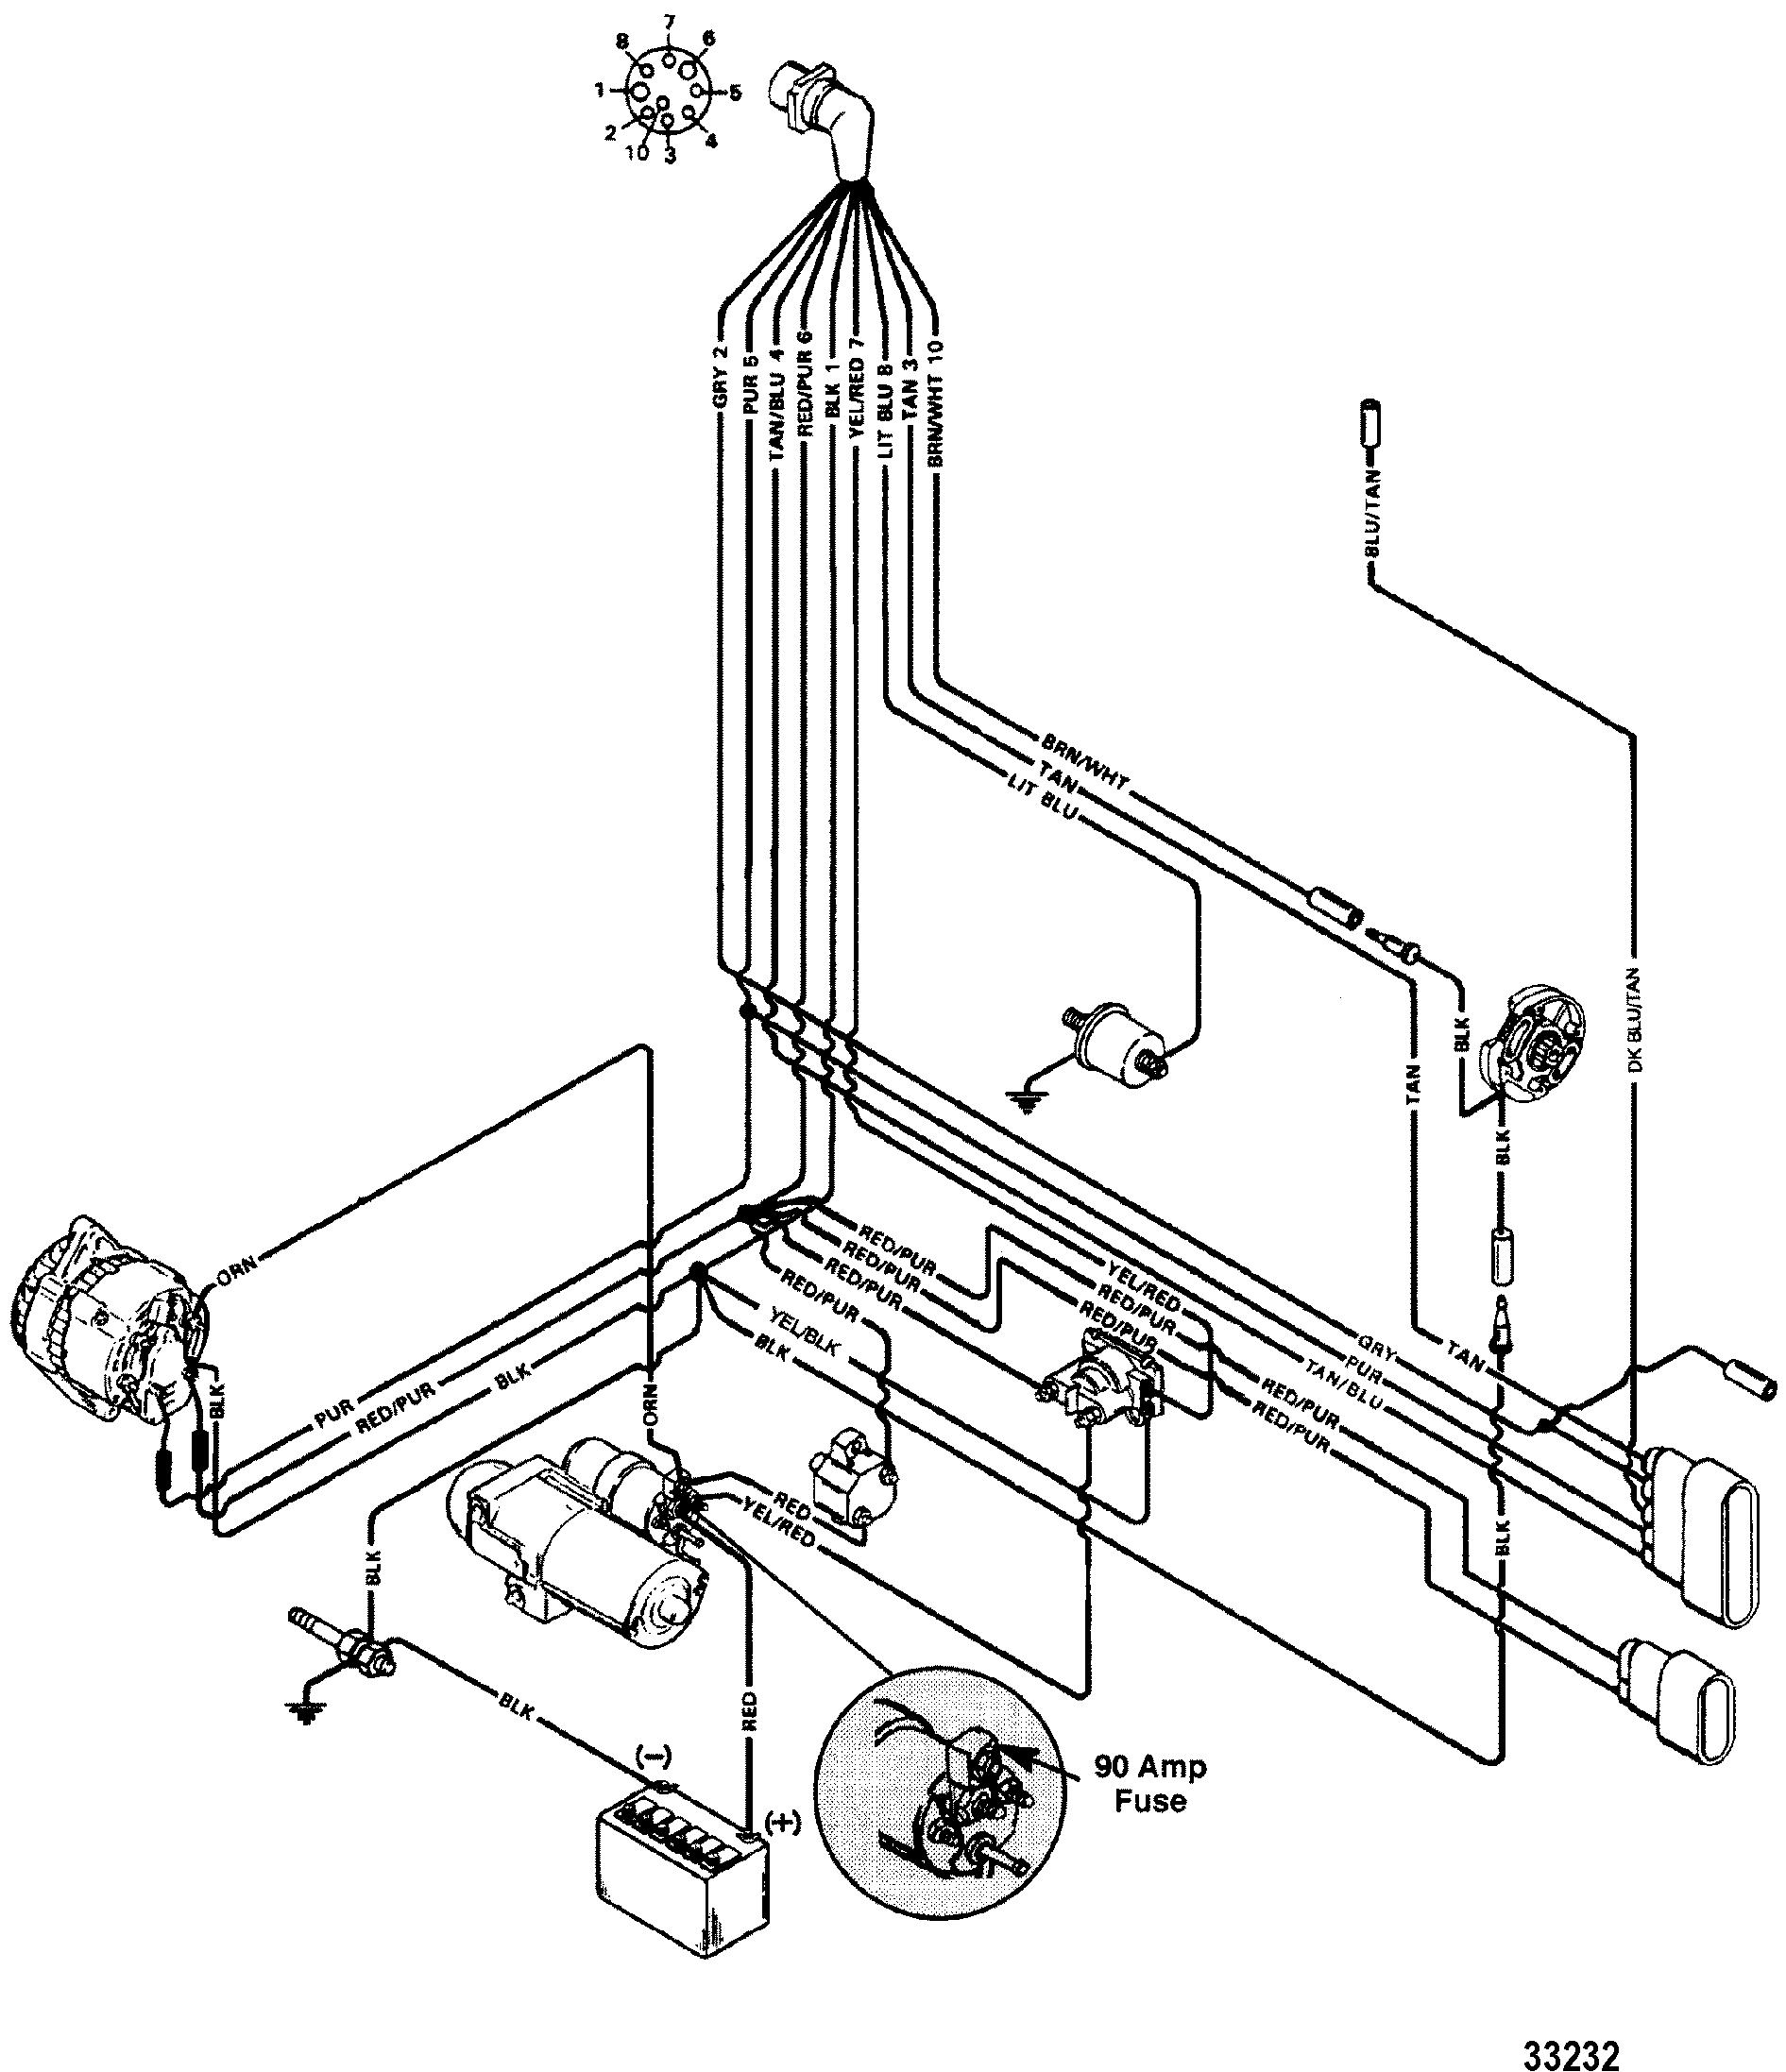 Mercruiser 454 wiring diagram wiring library